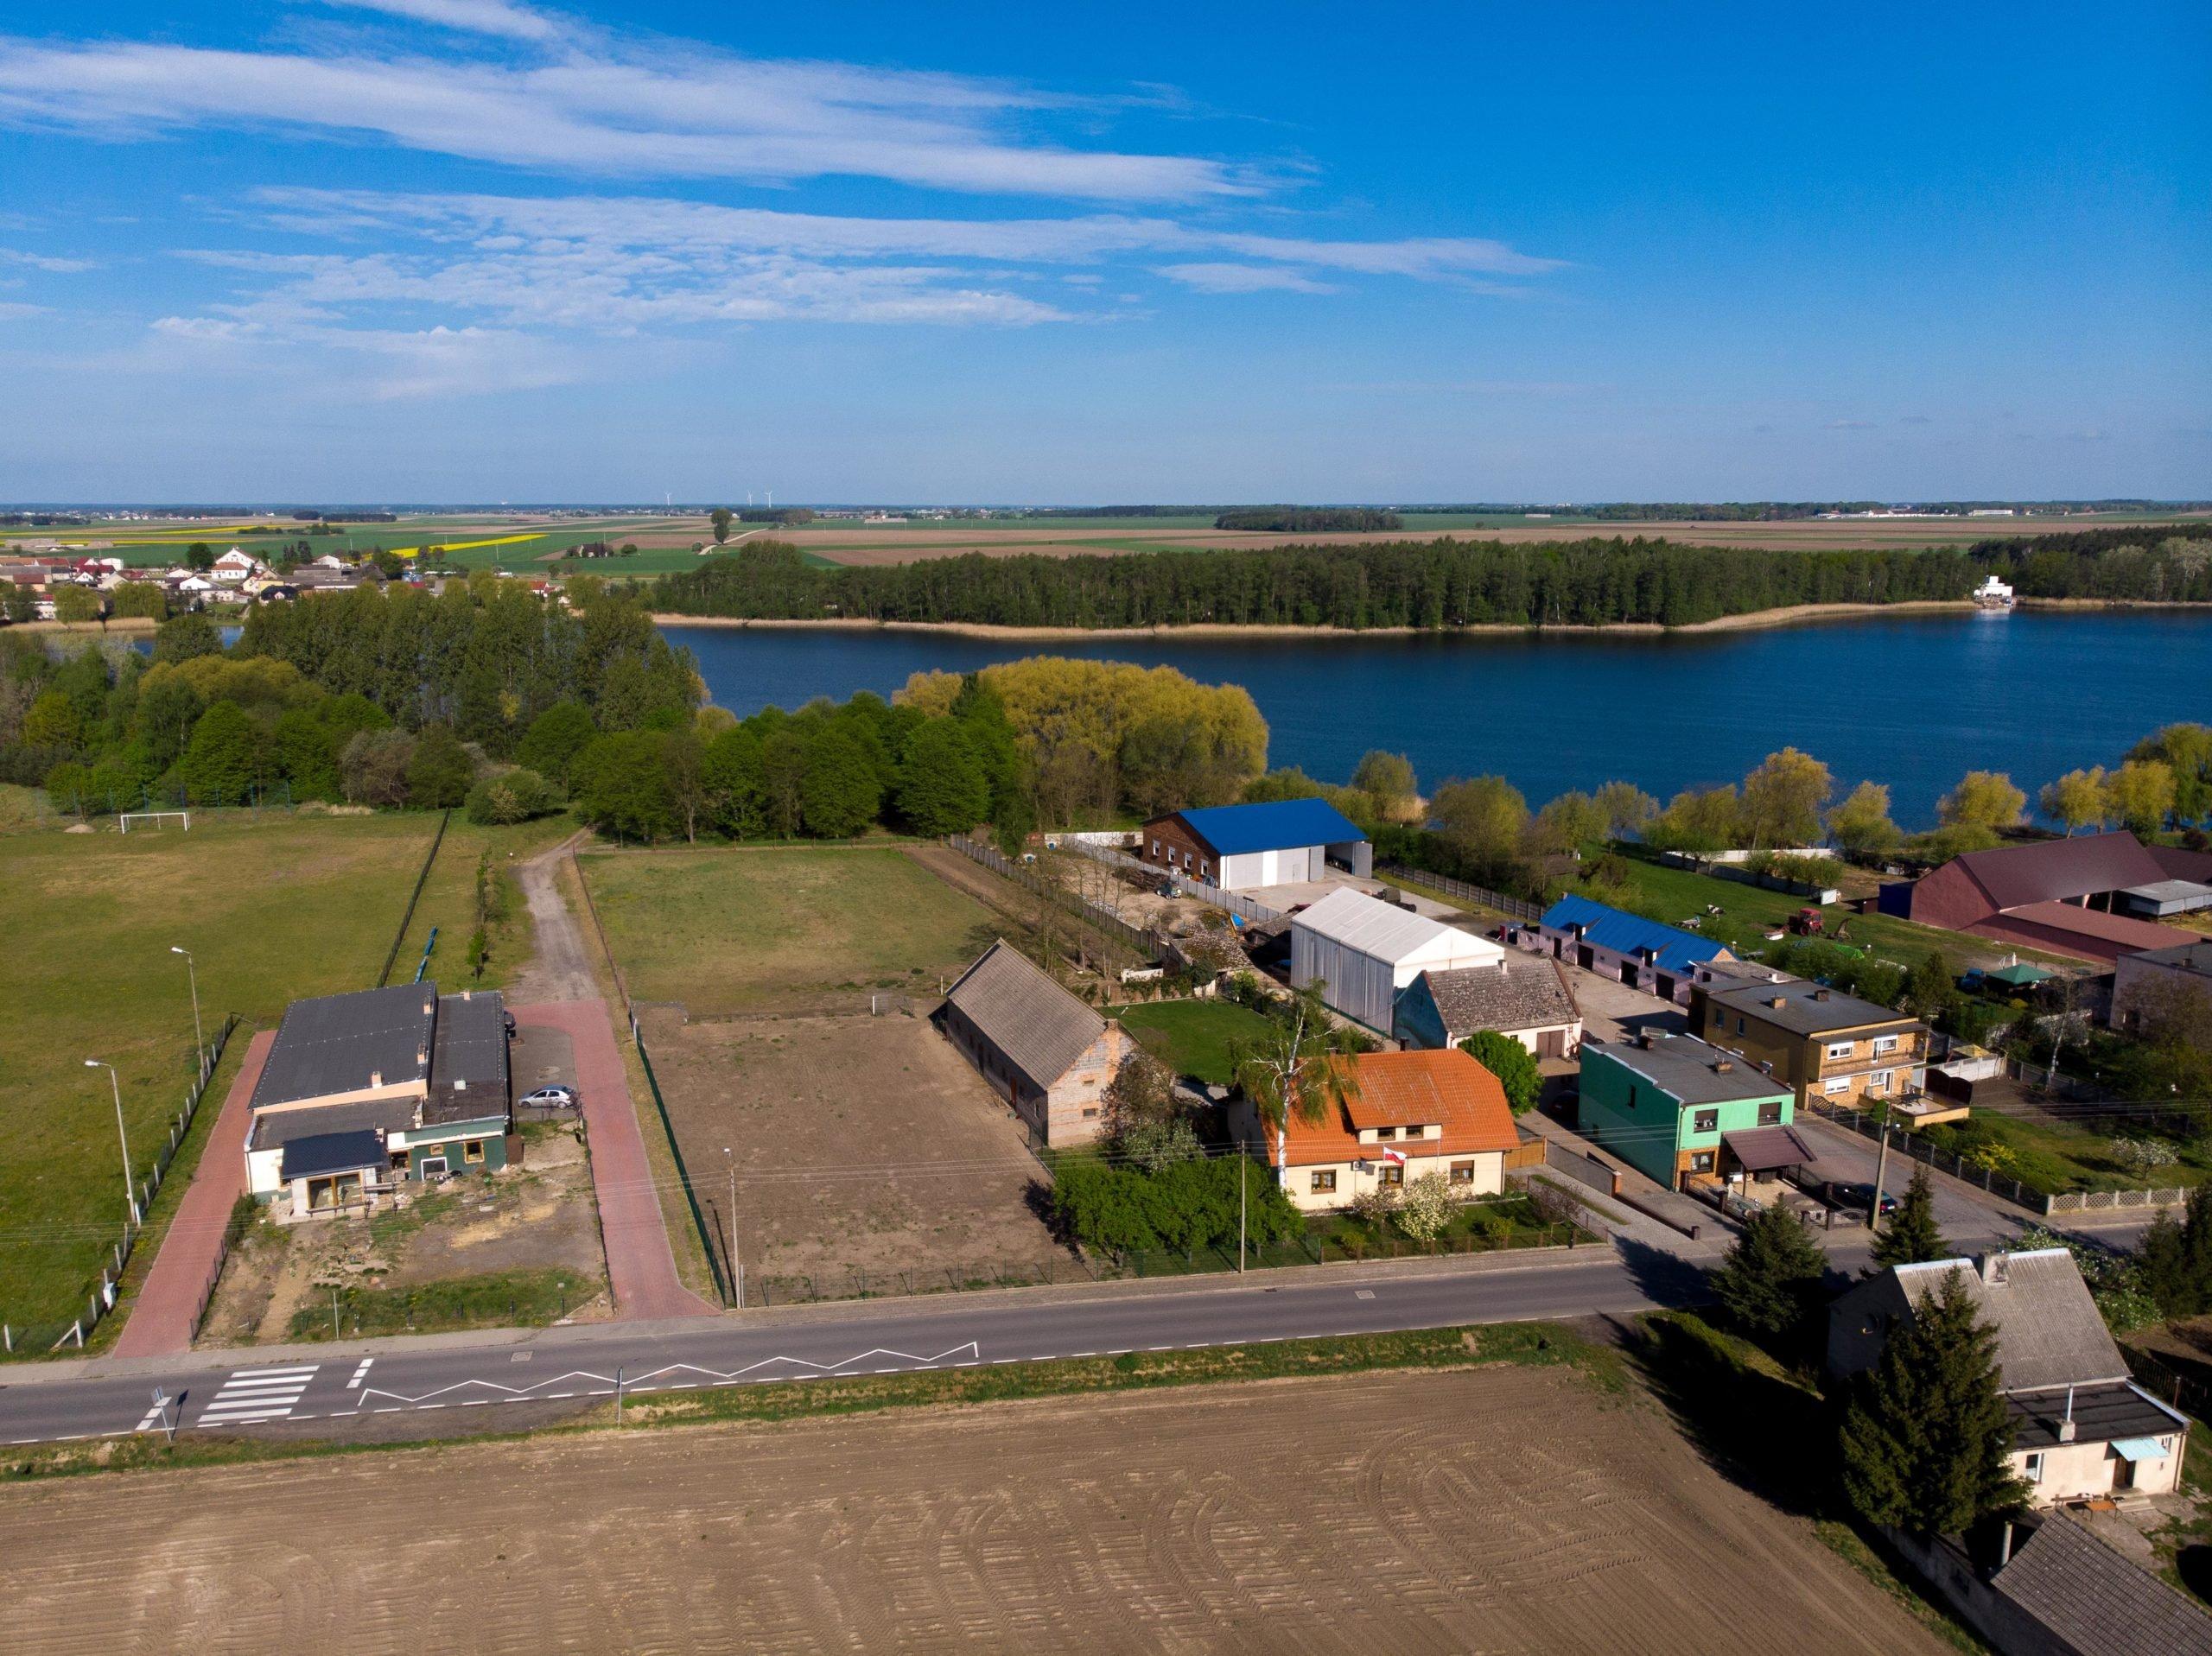 Działka budowlana przy jeziorze, Sapowice